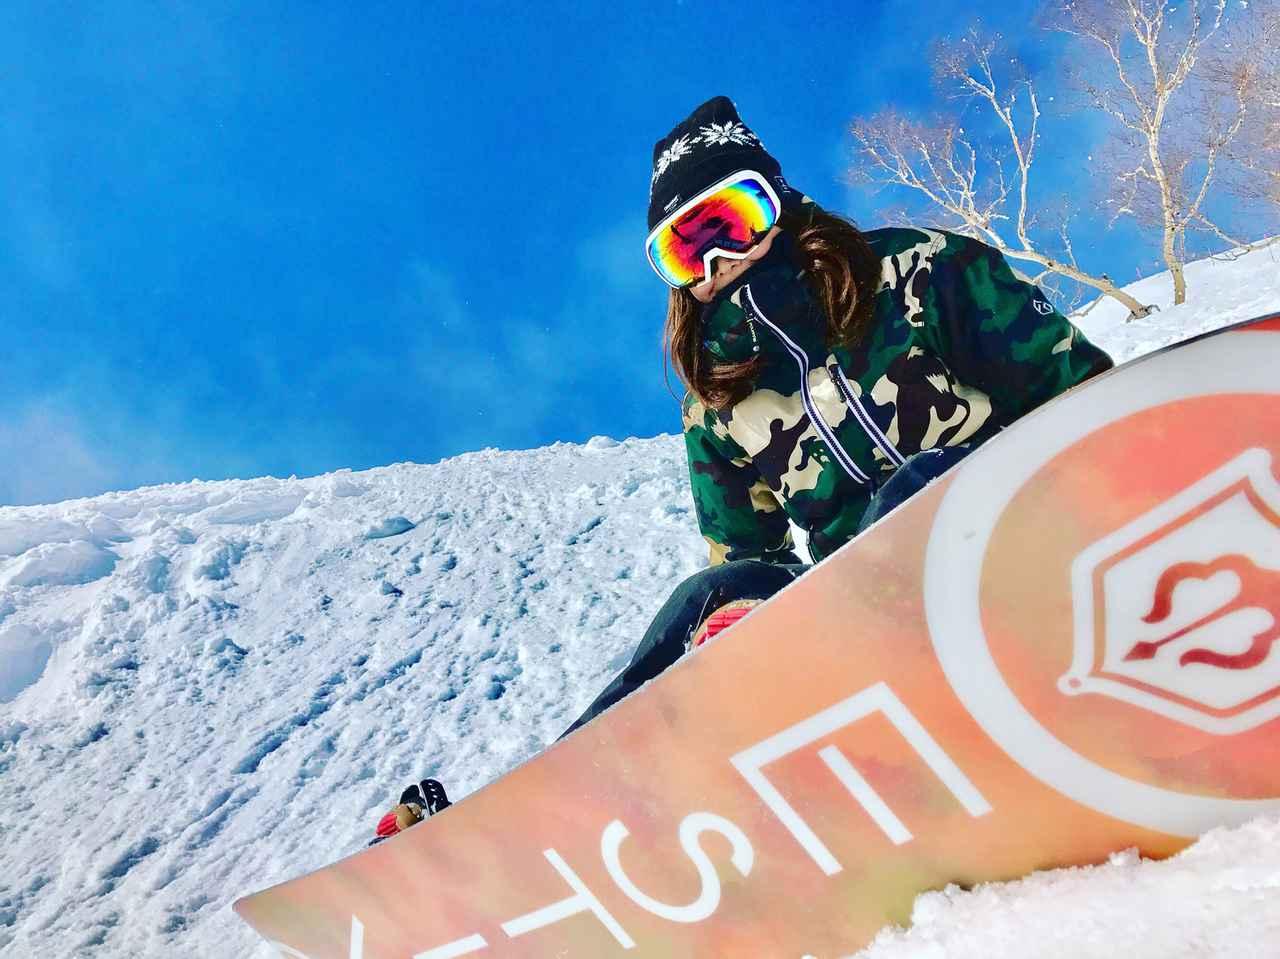 画像: 【スキー】透湿性と防水性能がより優れているゴアテックスレインウェア